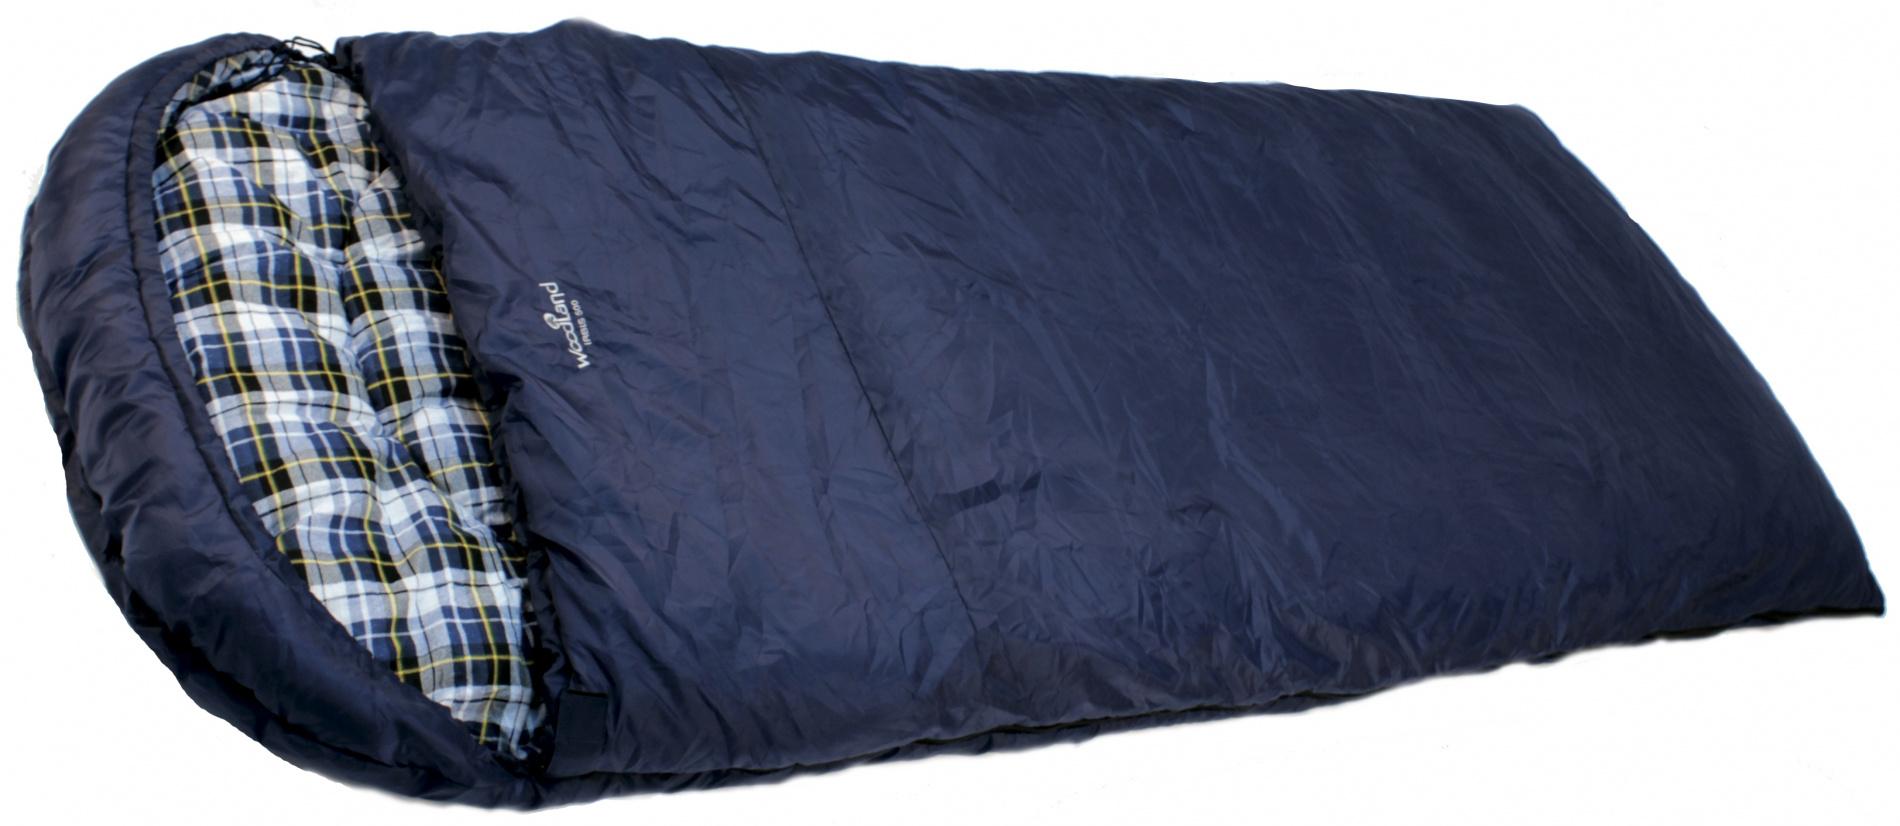 Спальный мешок Woodland IRBIS 400 L спальный мешок woodland irbis 500 r